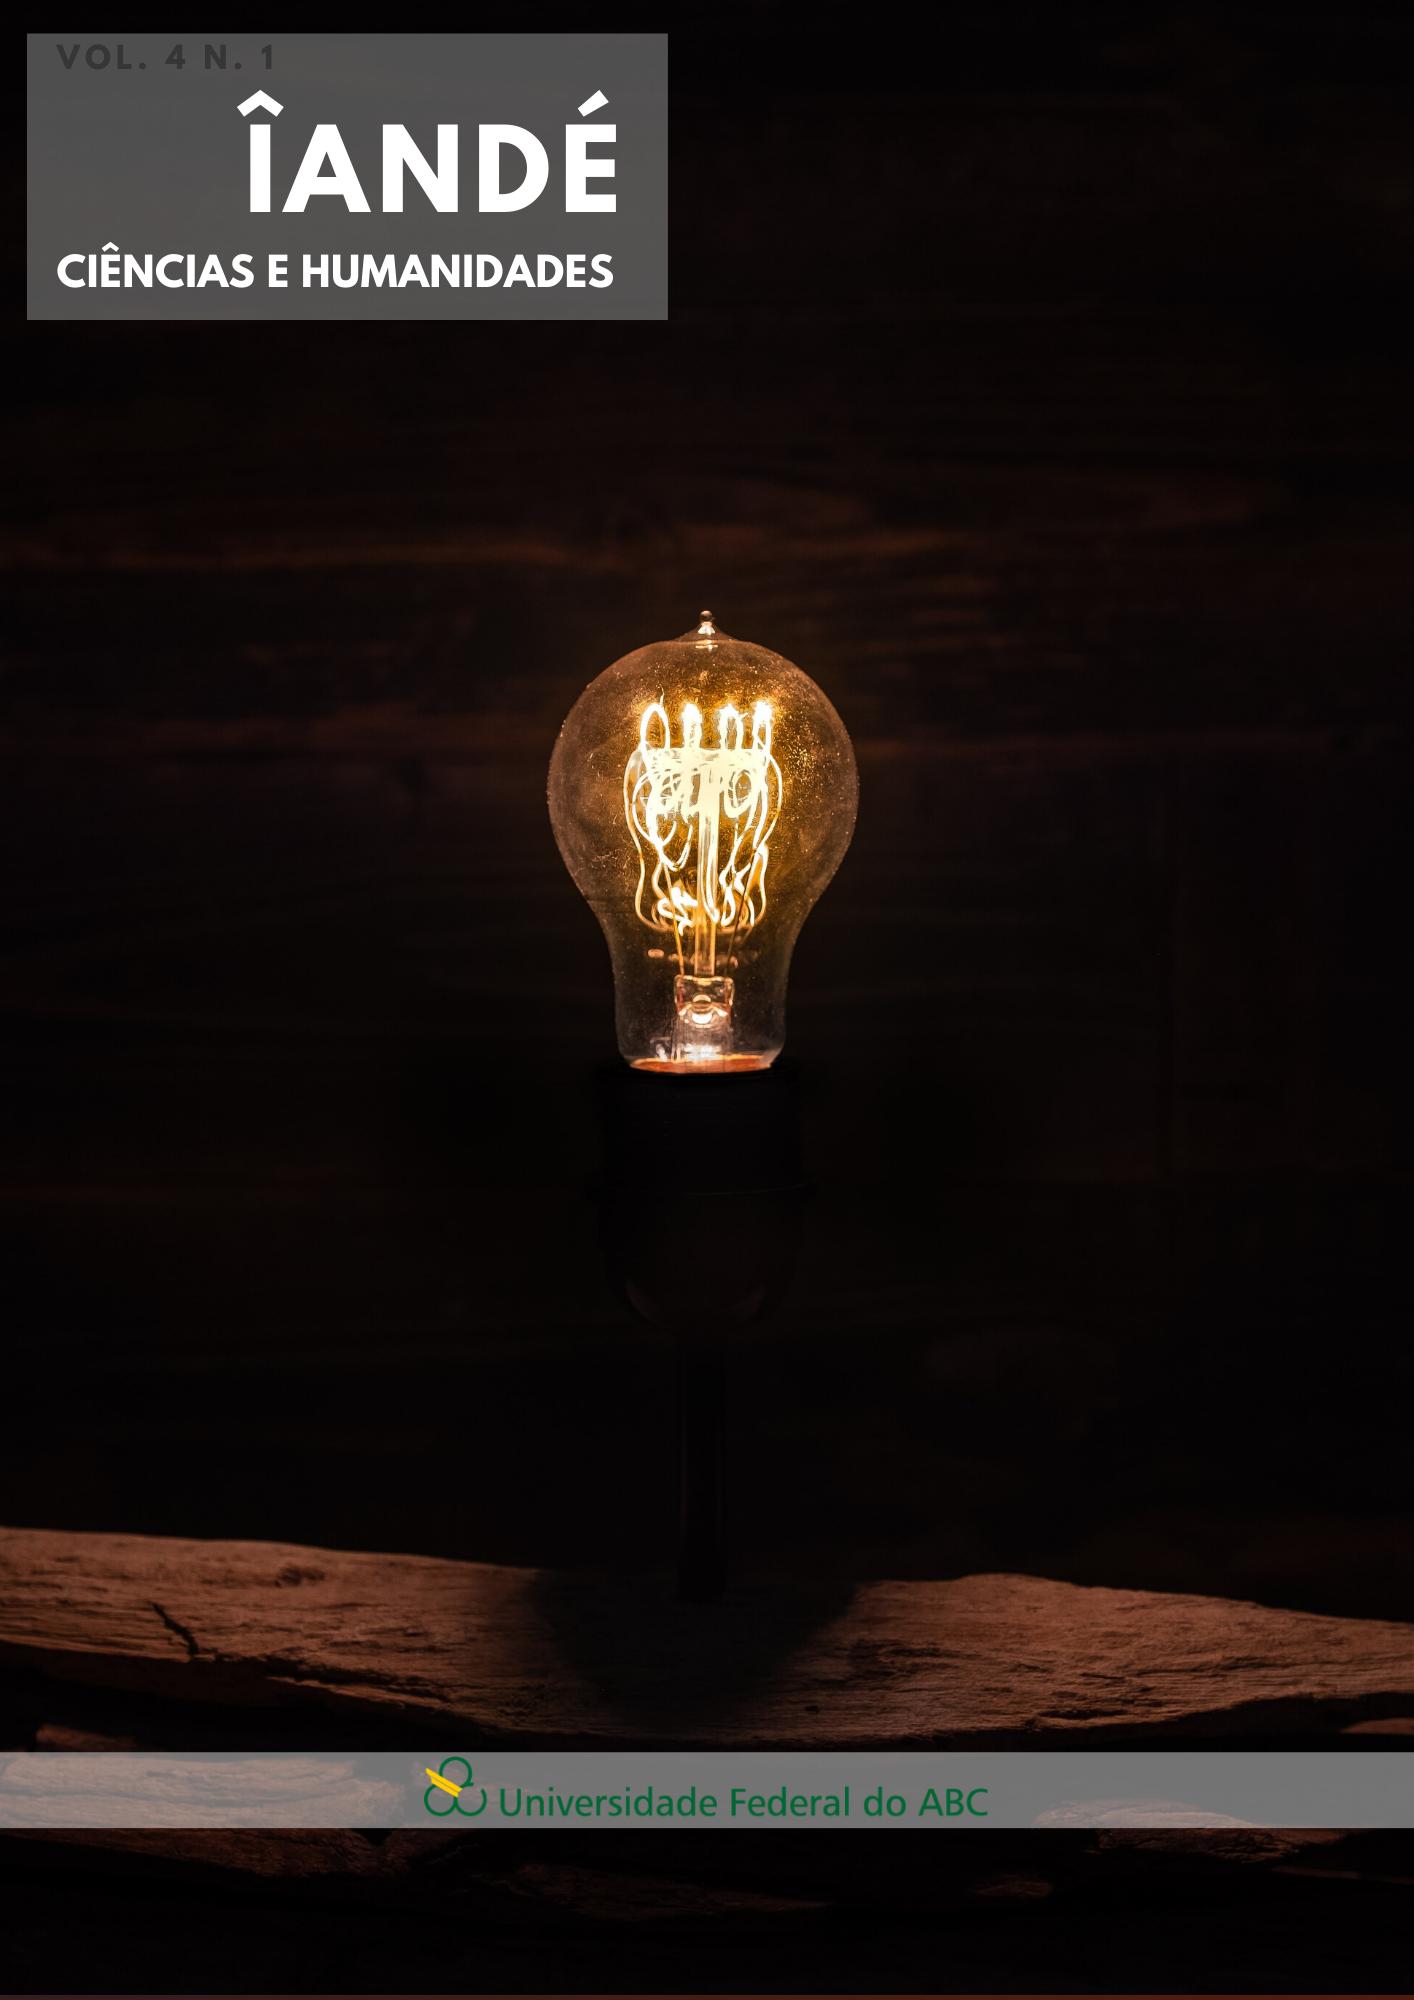 A imagem é de uma lâmpada acesa. No canto esquerdo há o nome da revista ÎANDÉ - Ciências e Humanidades, volume 4 e número 1. Na parte inferior há o logo da Universidade Federal do ABC.